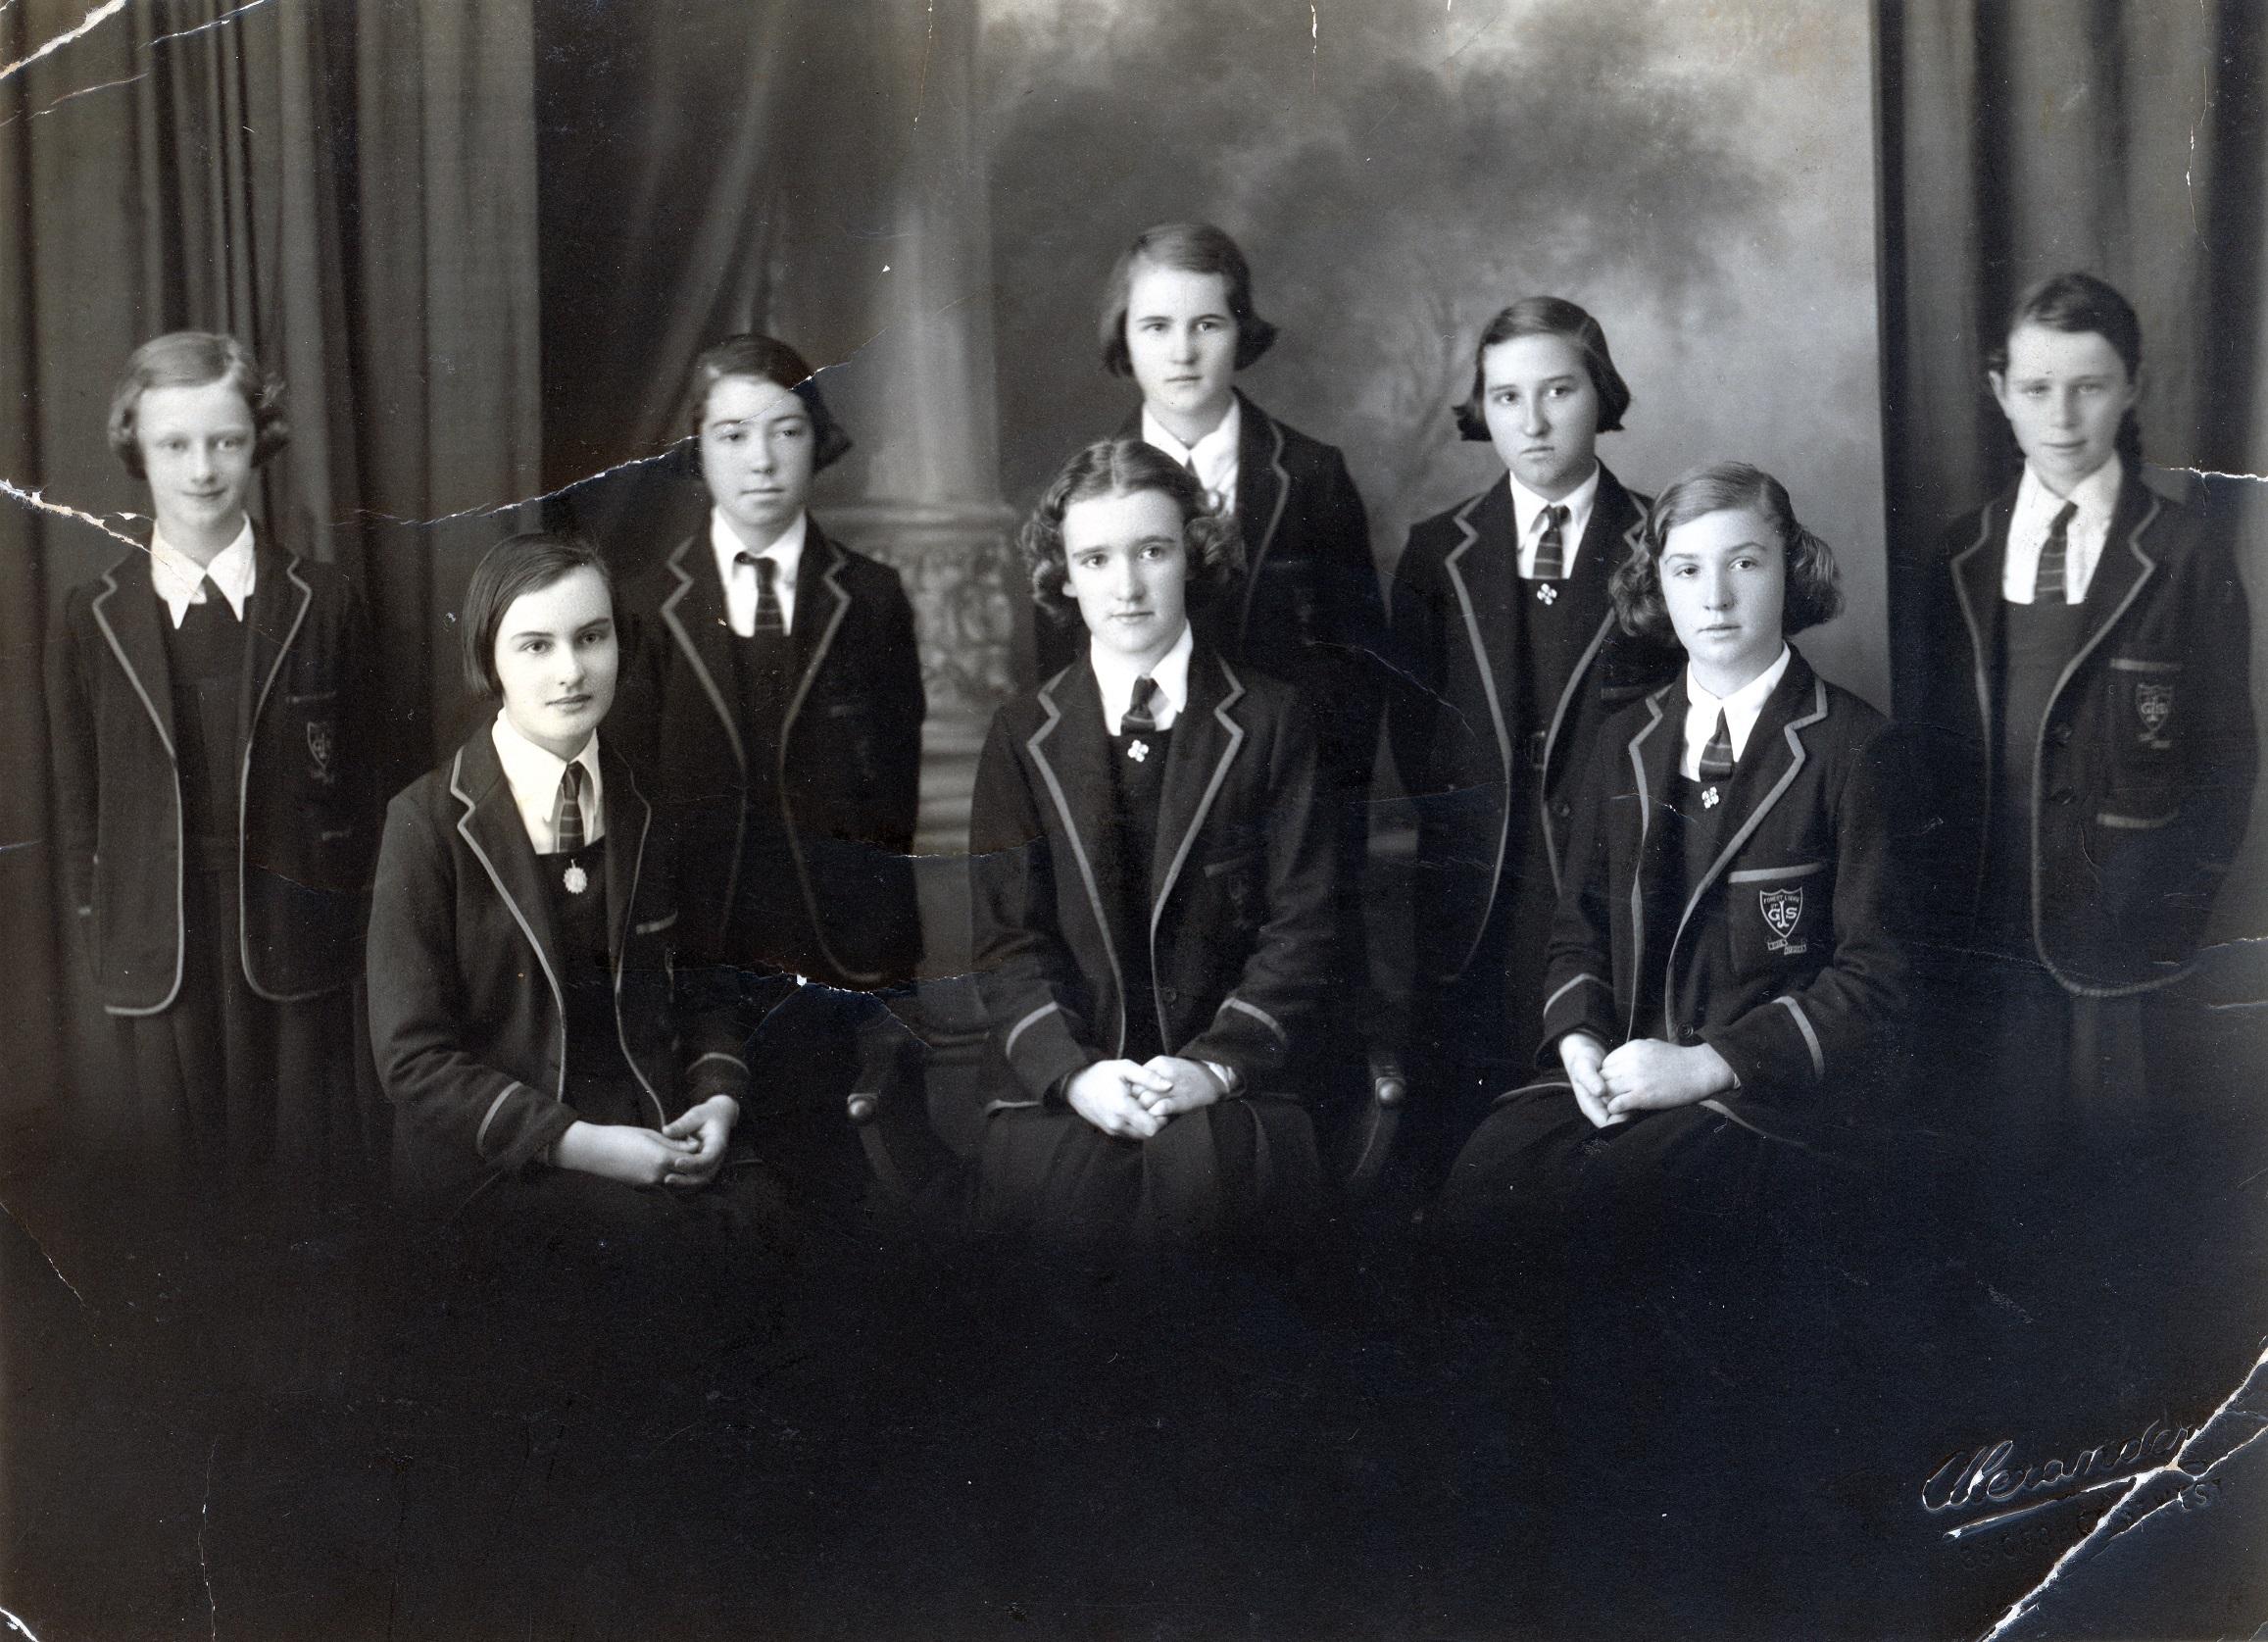 St James' 1936 Diocesan exam class